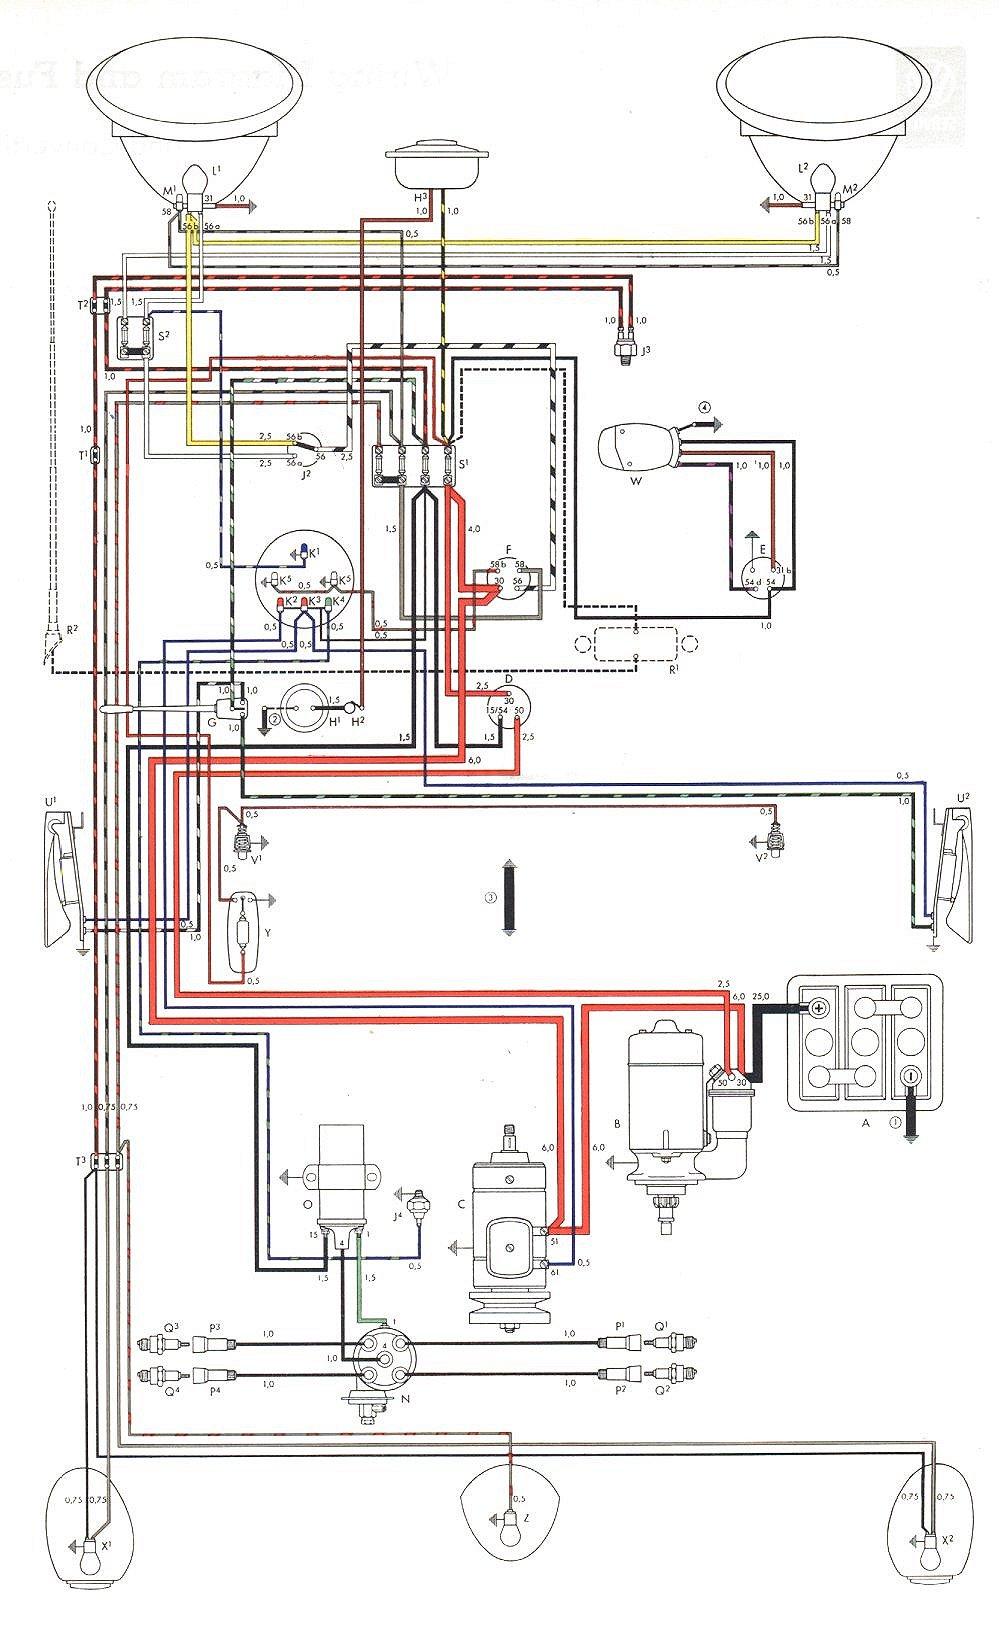 Kioti Wiring Diagram Kodiak Wiring Diagram Onan Wiring Diagram – Lull Alternator Wiring Diagram